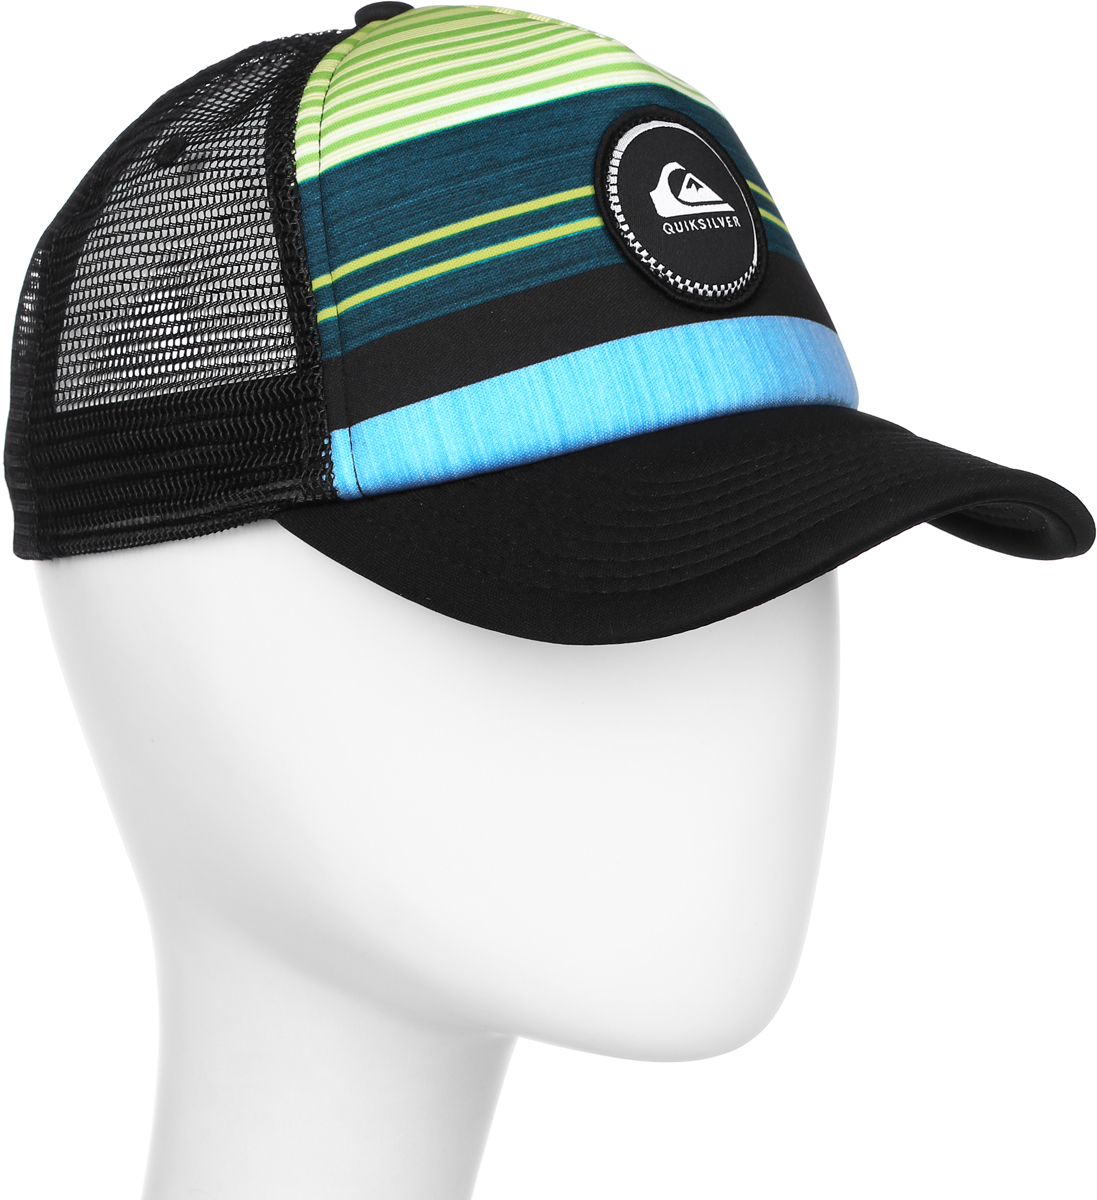 Бейсболка муж Quiksilver Striped Vee, цвет: черный, зелоный, голубой. AQYHA03727-BSG0. Размер универсальныйAQYHA03727-BSG0